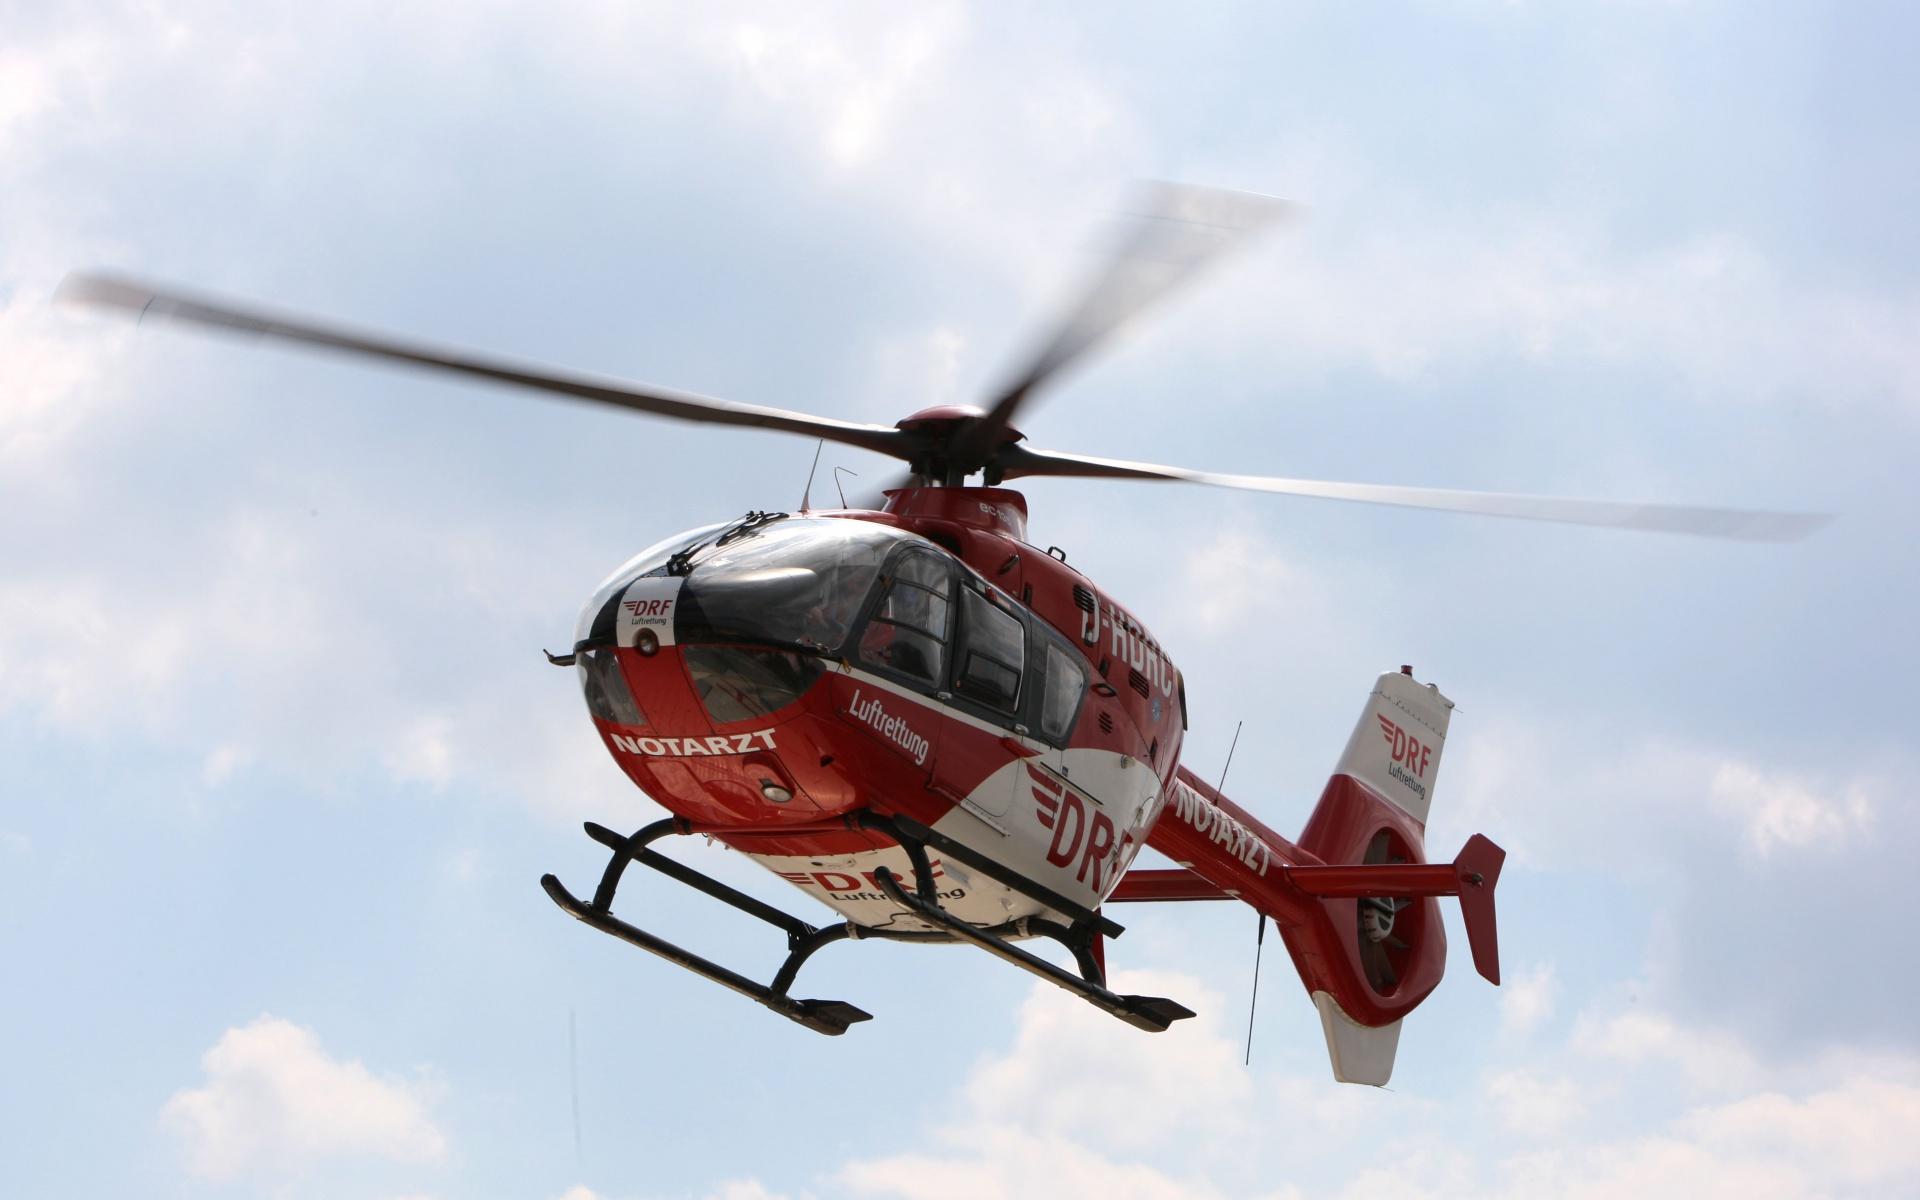 Brandverletzte müssen so schnell wie möglich in eine Spezialklinik gebracht werden. Gerade bei größeren Distanzen bringt der Transport im Hubschrauber einen entscheidenden Zeitvorteil. Symbolfoto.